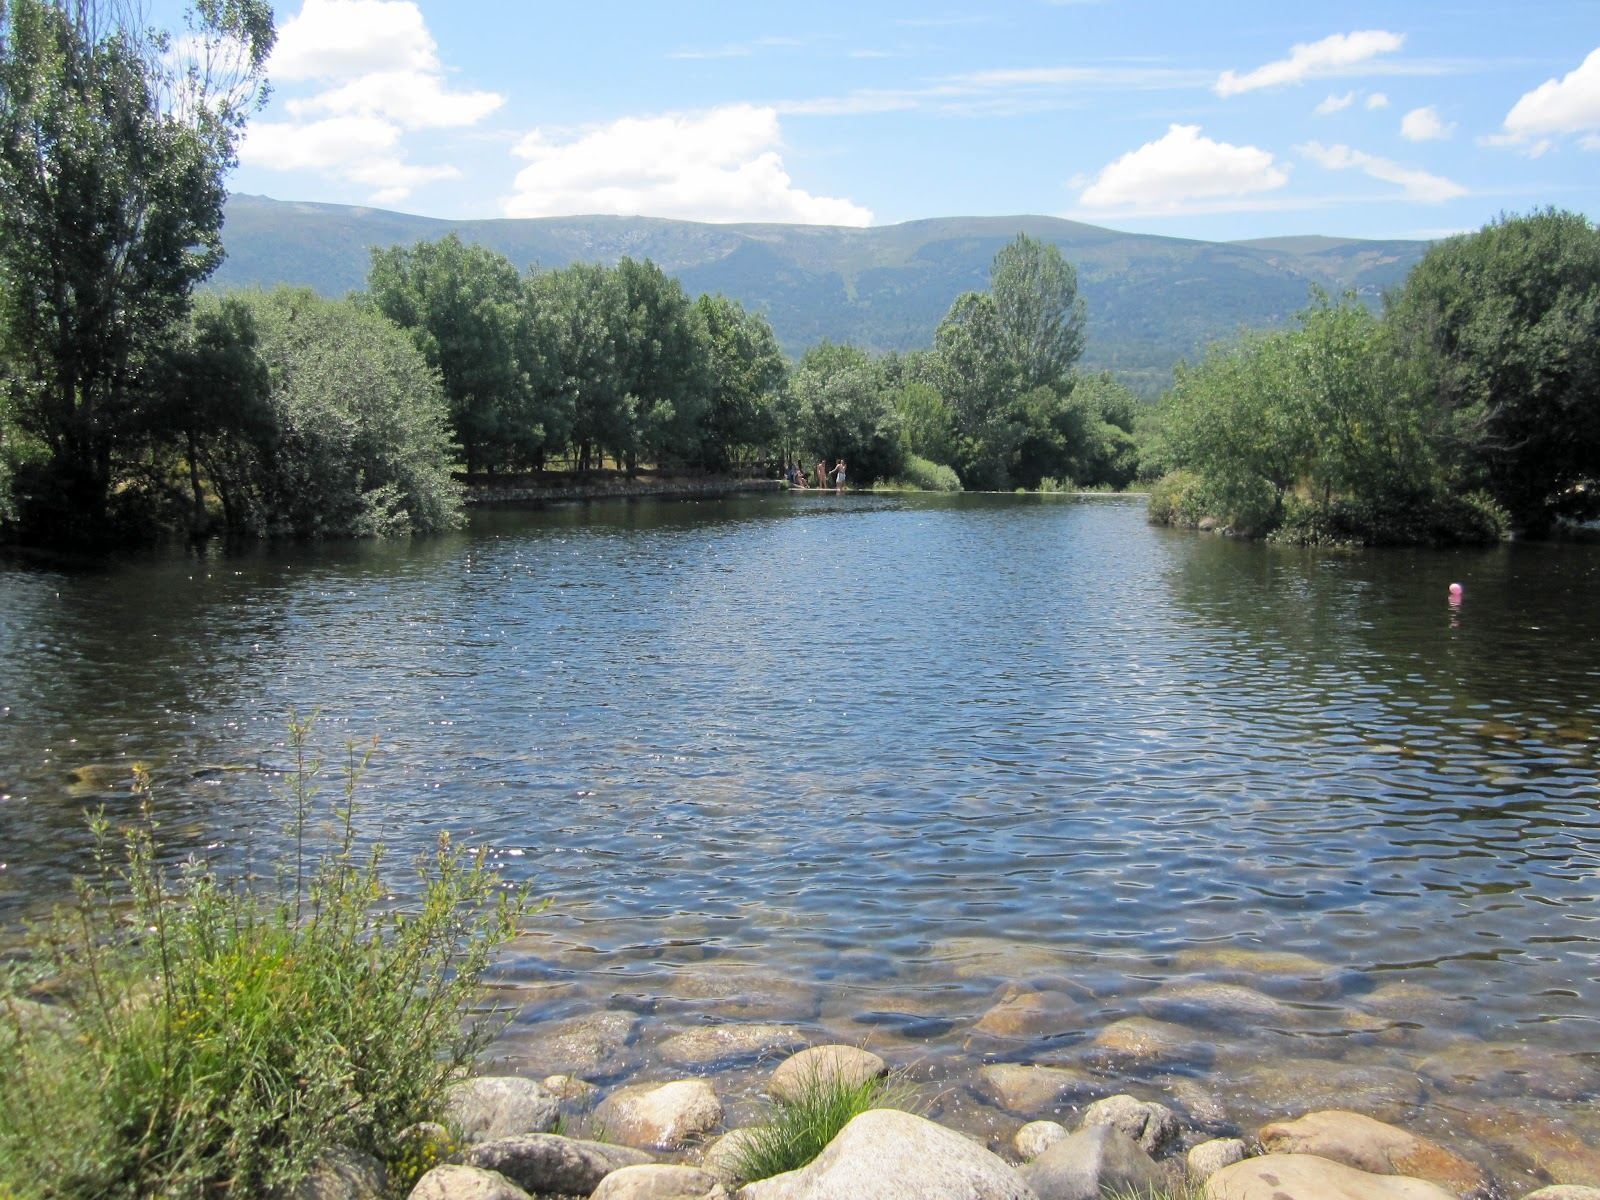 Los viajes de daniela las presillas rascafr a madrid for Las presillas piscinas naturales